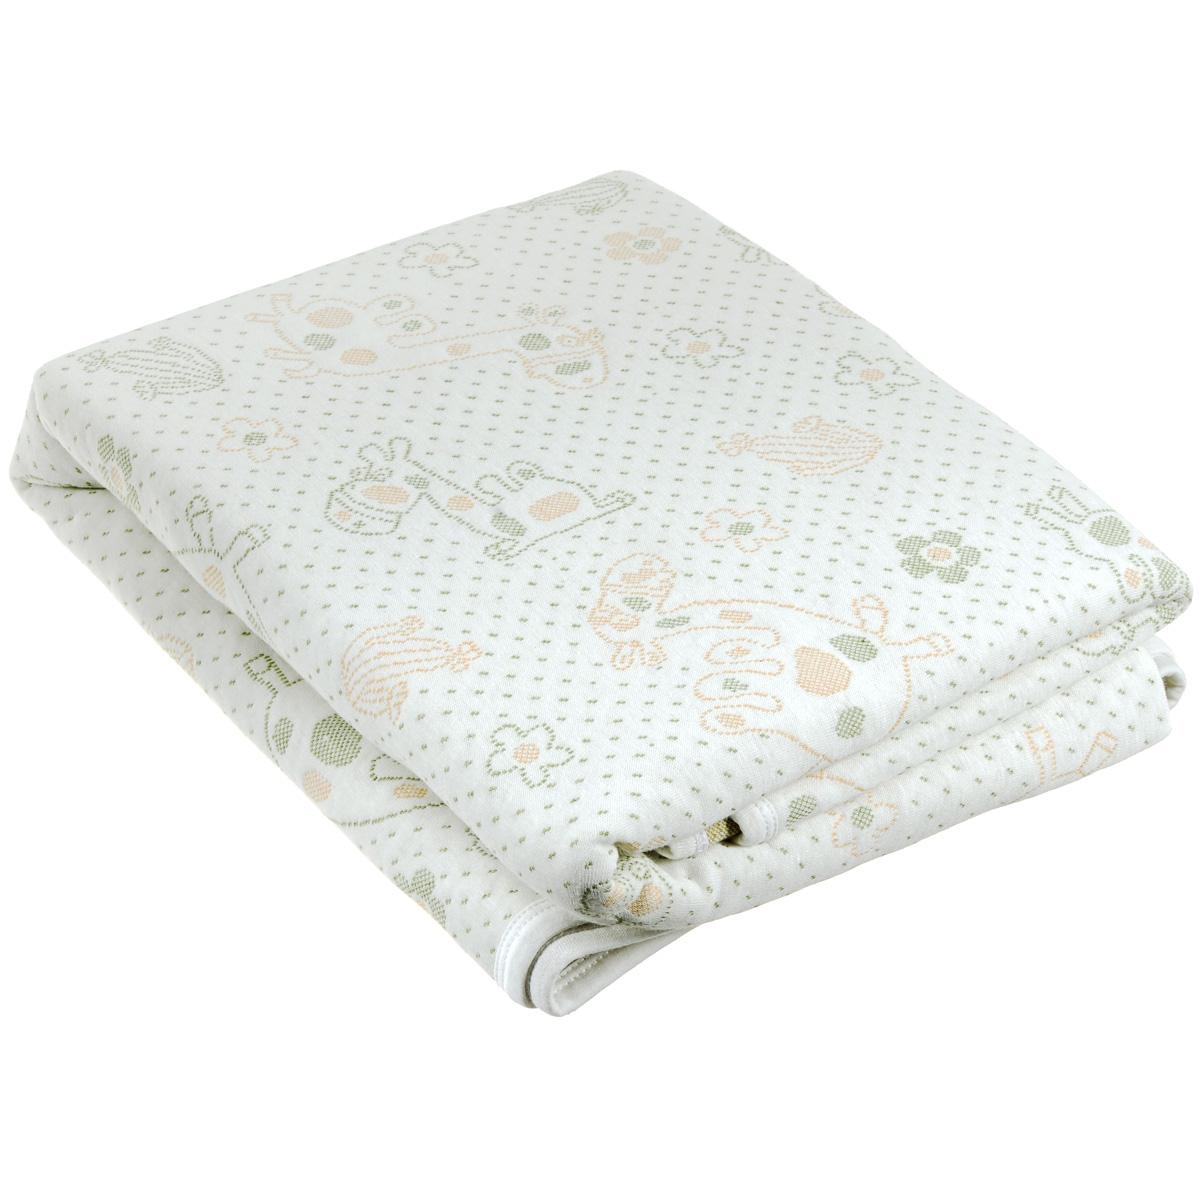 """Стеганый детский плед-одеяло Baby Nice """"Верблюды"""", изготовленный из мягкого натурального 100% хлопка, оформлен оригинальным рисунком. Плед-одеяло для новорожденных из мягкого и дышащего хлопка идеально подходит для комфортного сна малыша. Утеплитель нового поколения """"microfiber"""", помещенный между трикотажными полотнами с обеих сторон, делает изделие мягким, легким и одновременно теплым, создавая вашему малышу ощущение свежести и комфорта. Одеяло хорошо пропускает воздух и позволяет коже дышать, предотвращая повышенное потоотделение. Изделие сохраняет свои свойства даже после многочисленных стирок, быстро сохнет и не требует глажки. Во время прогулки такой плед послужит легким одеялом в коляску."""